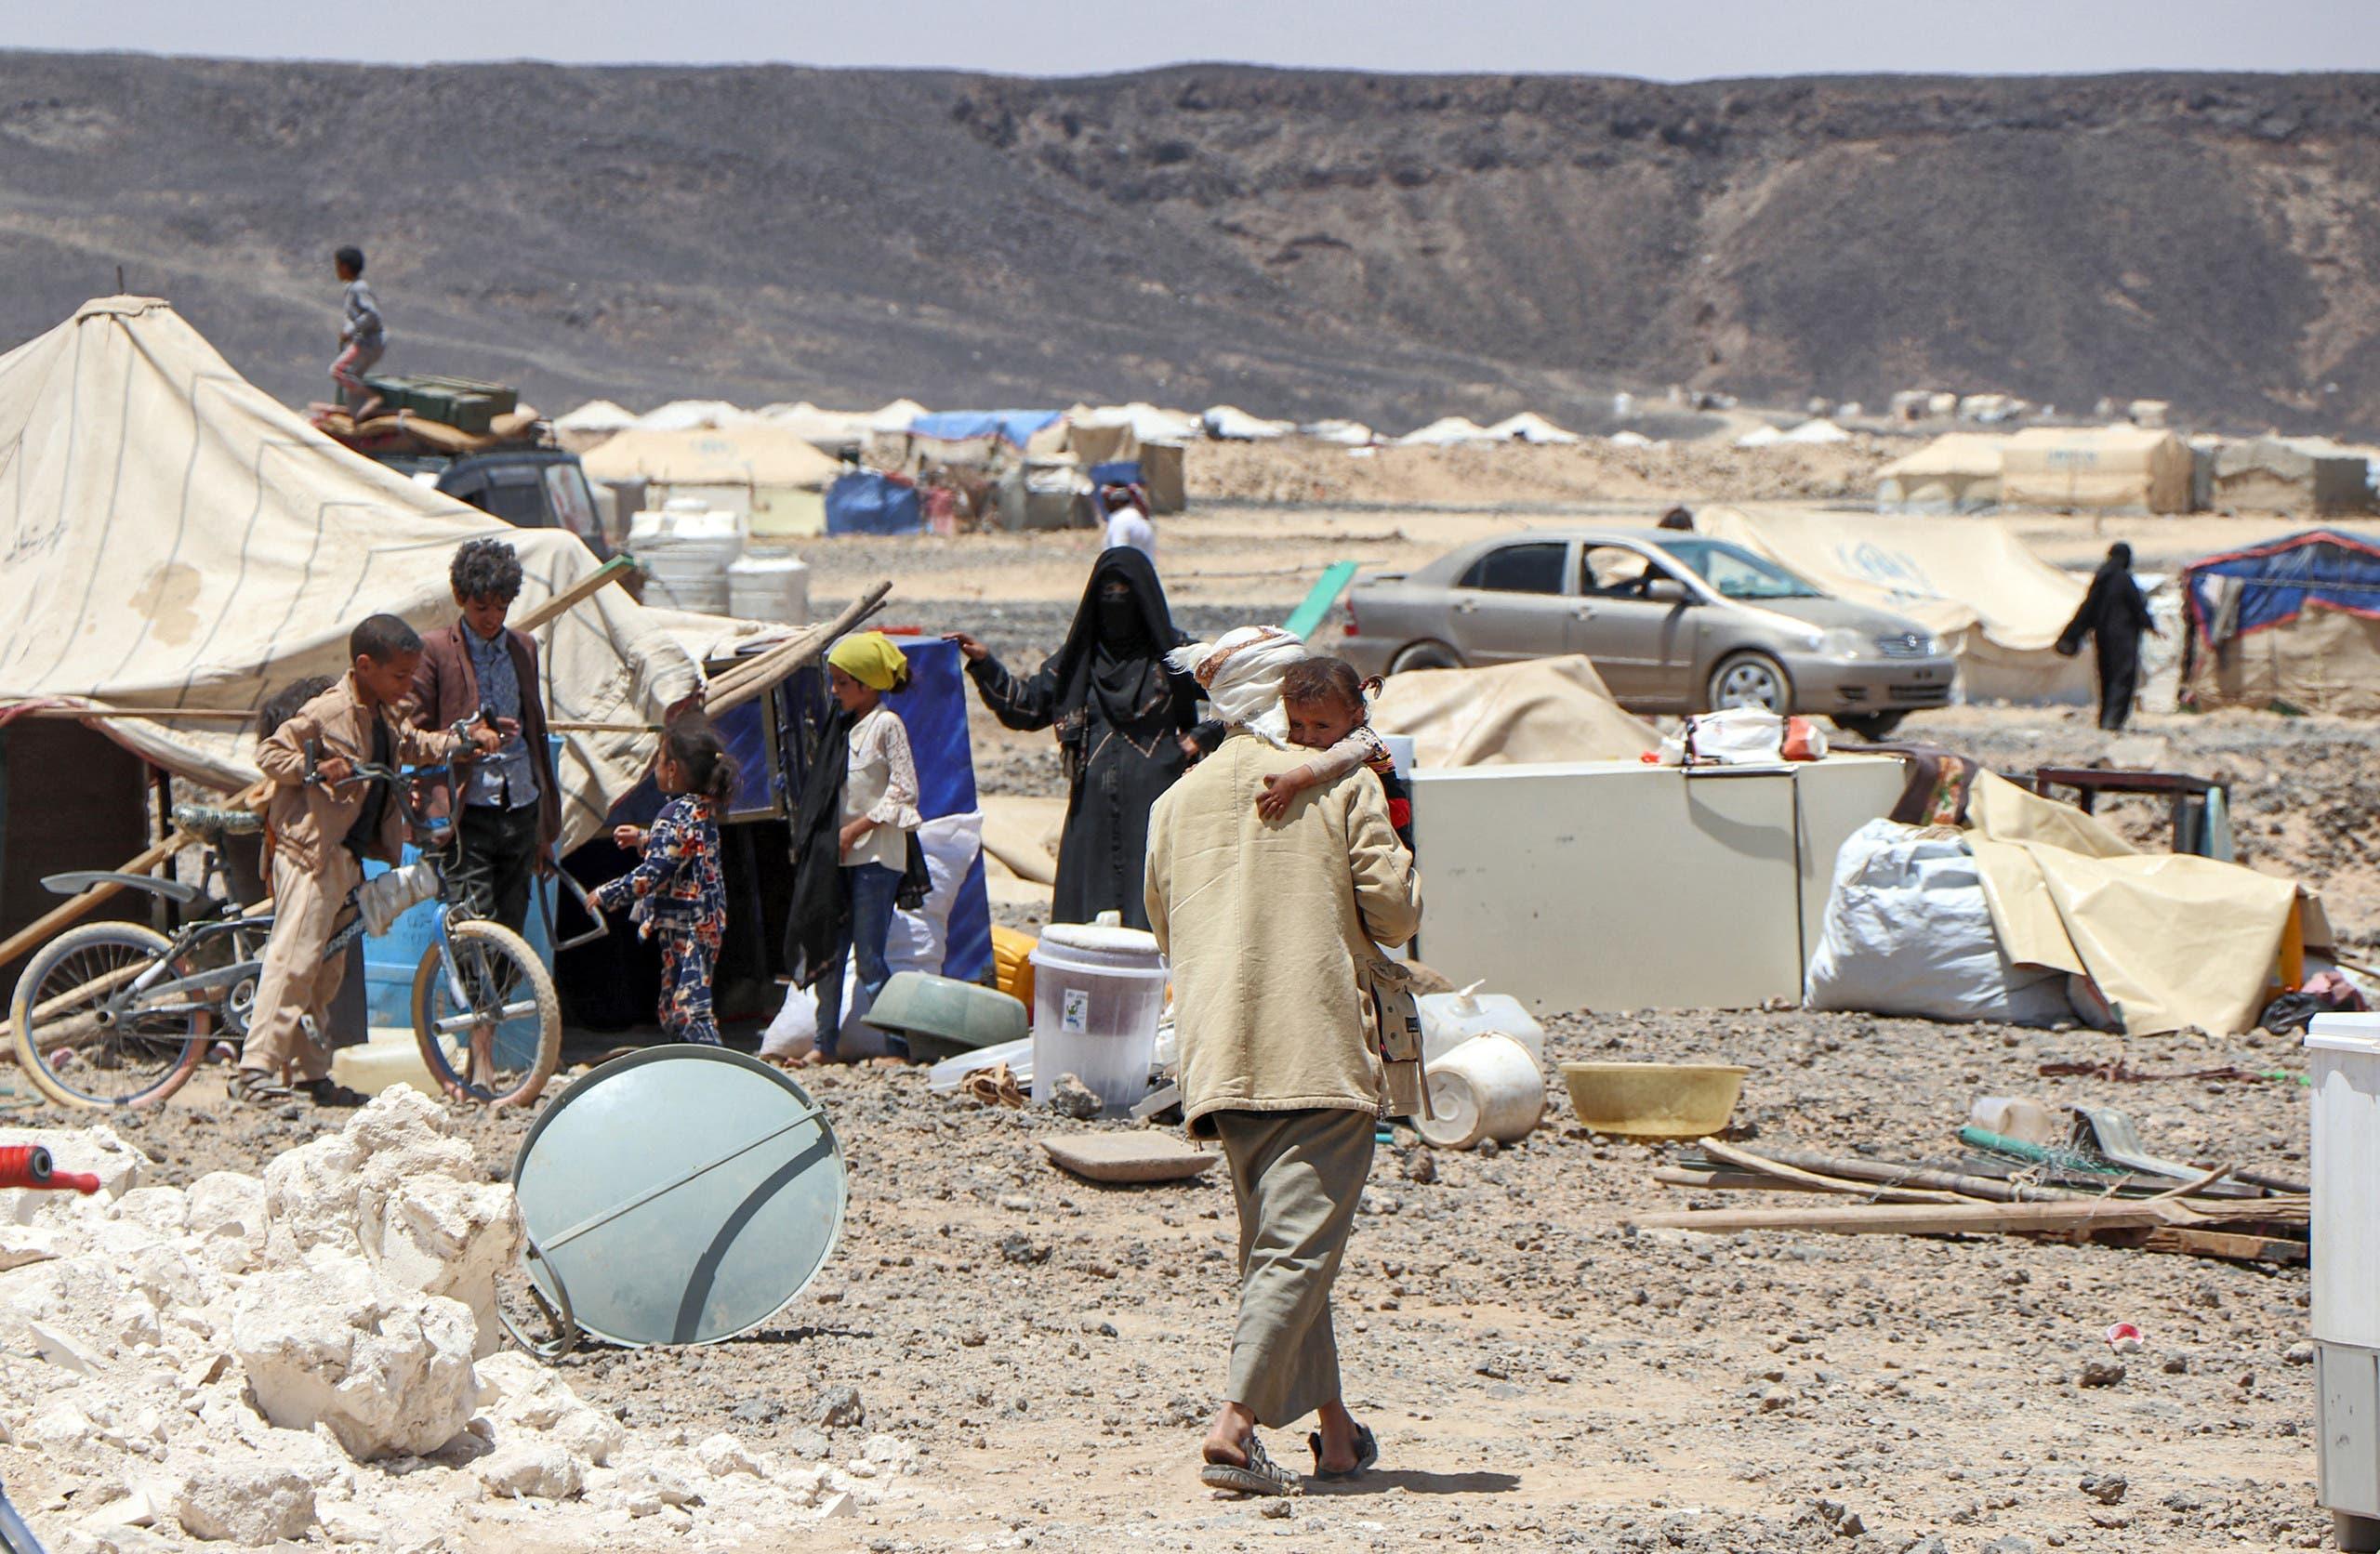 من مخيم للنازحين في مأرب يوم 28 مارس 2021 (فرانس برس)